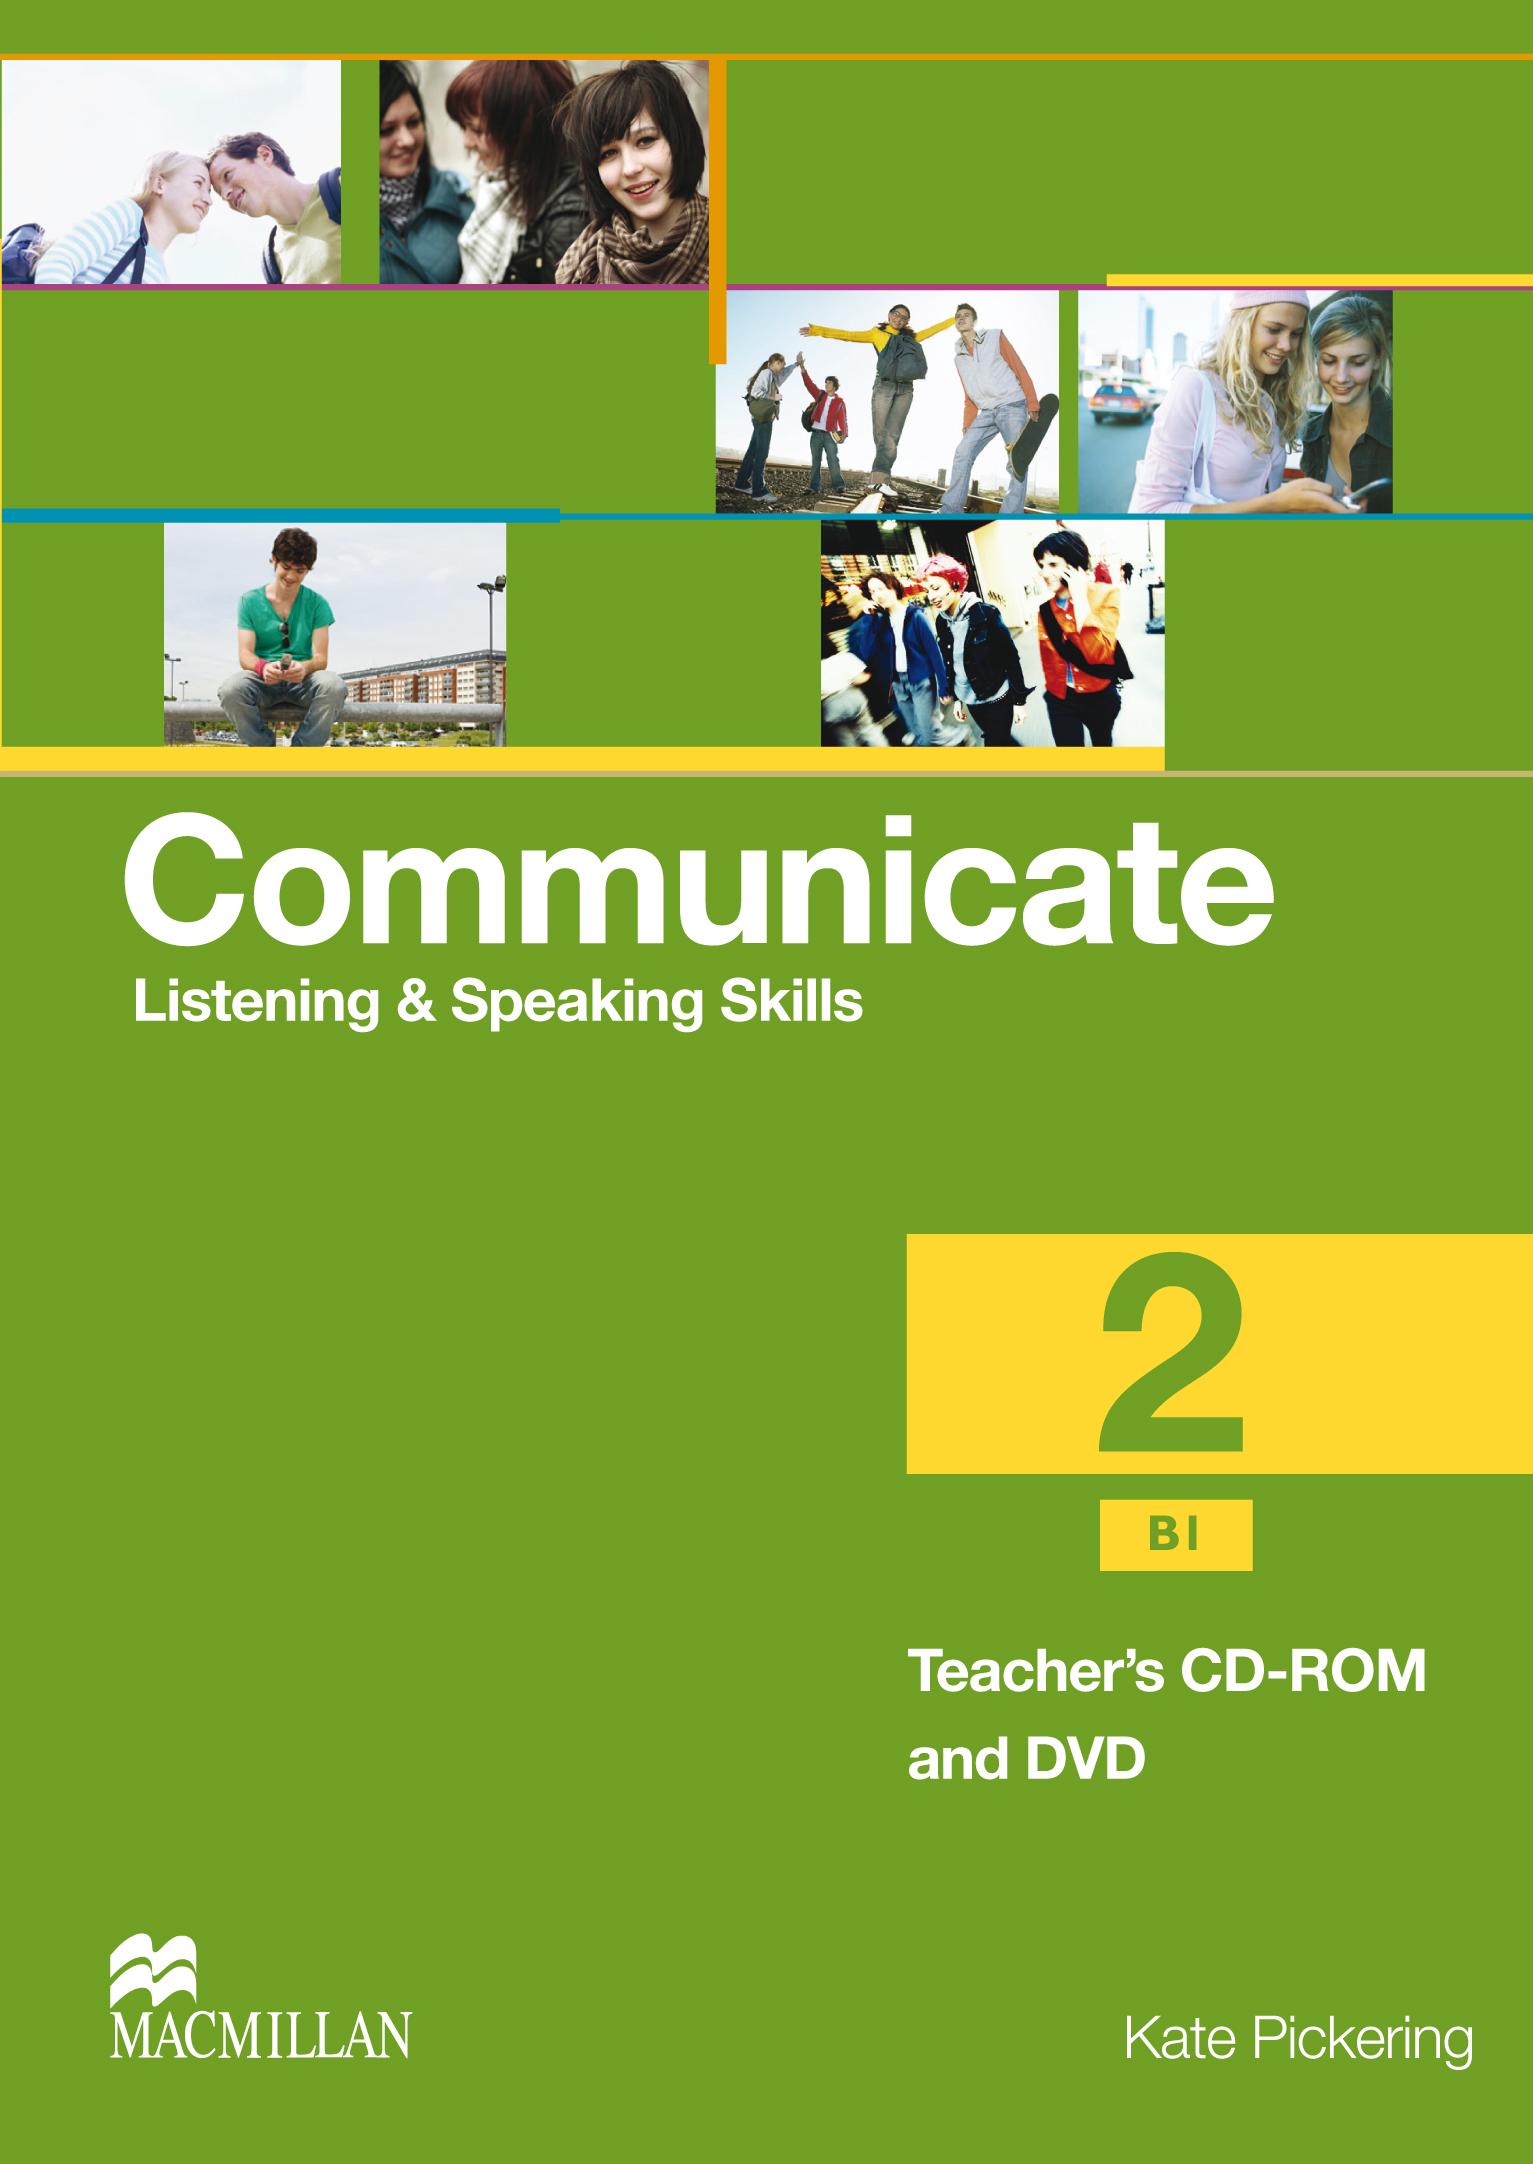 Communicate 2 Teacher's CD-ROM and DVD Pack